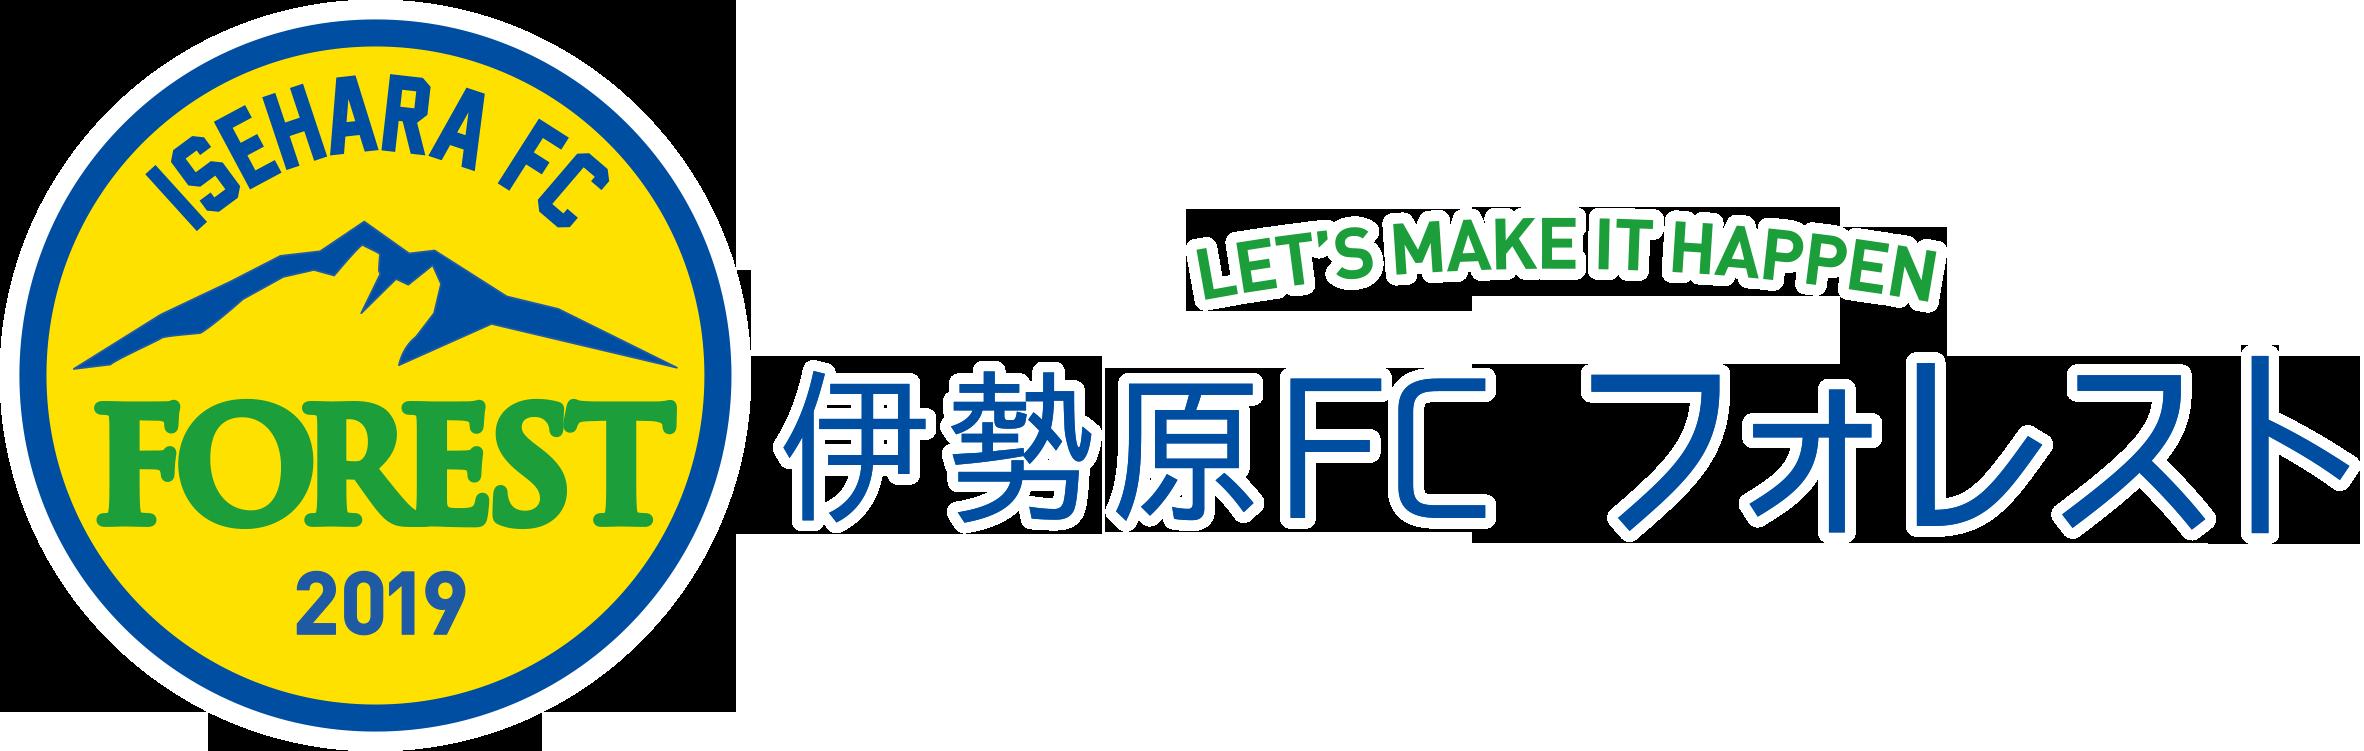 伊勢原市のサッカーチーム「フォレスト」